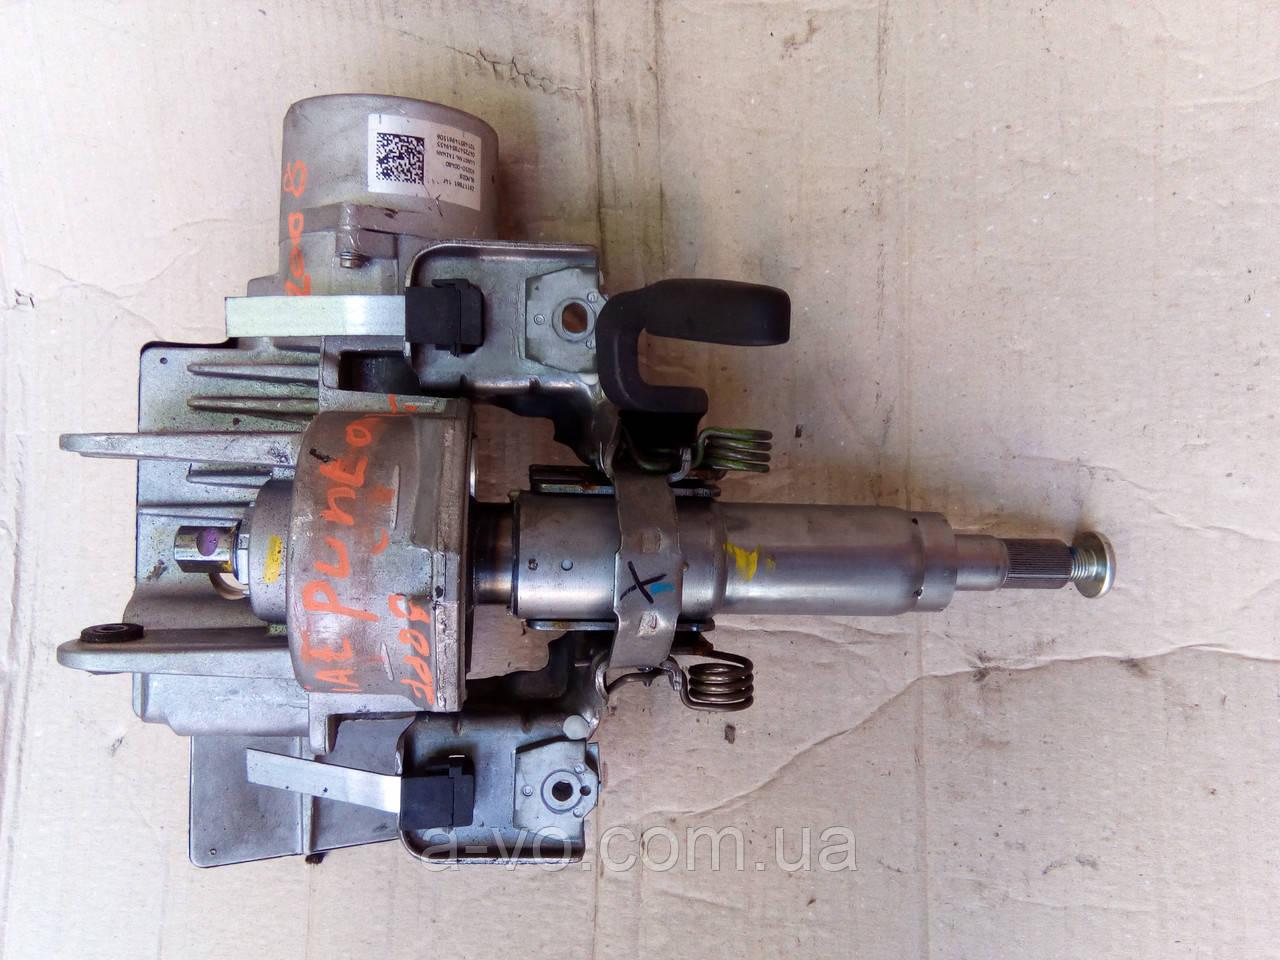 Электроусилитель рулевого управления для Fiat Grande Punto 2010, 51892261, 2611786114F, 26117861 14F, 28208792